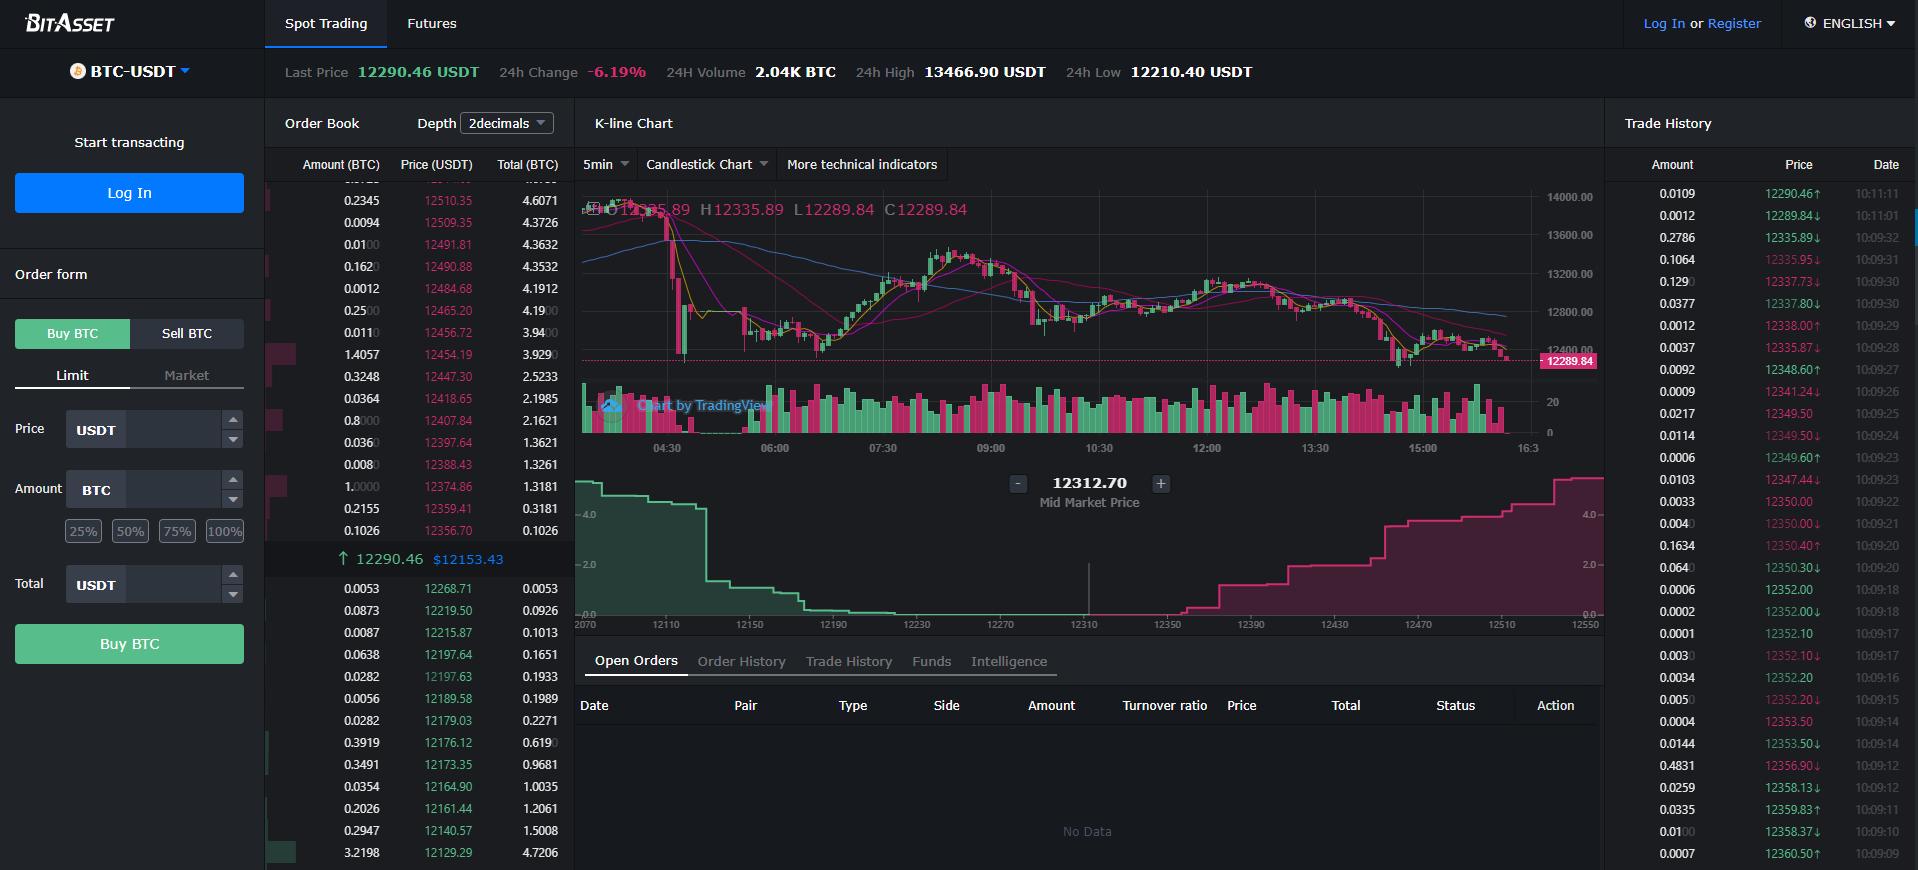 BitAsset Exchange Trading View